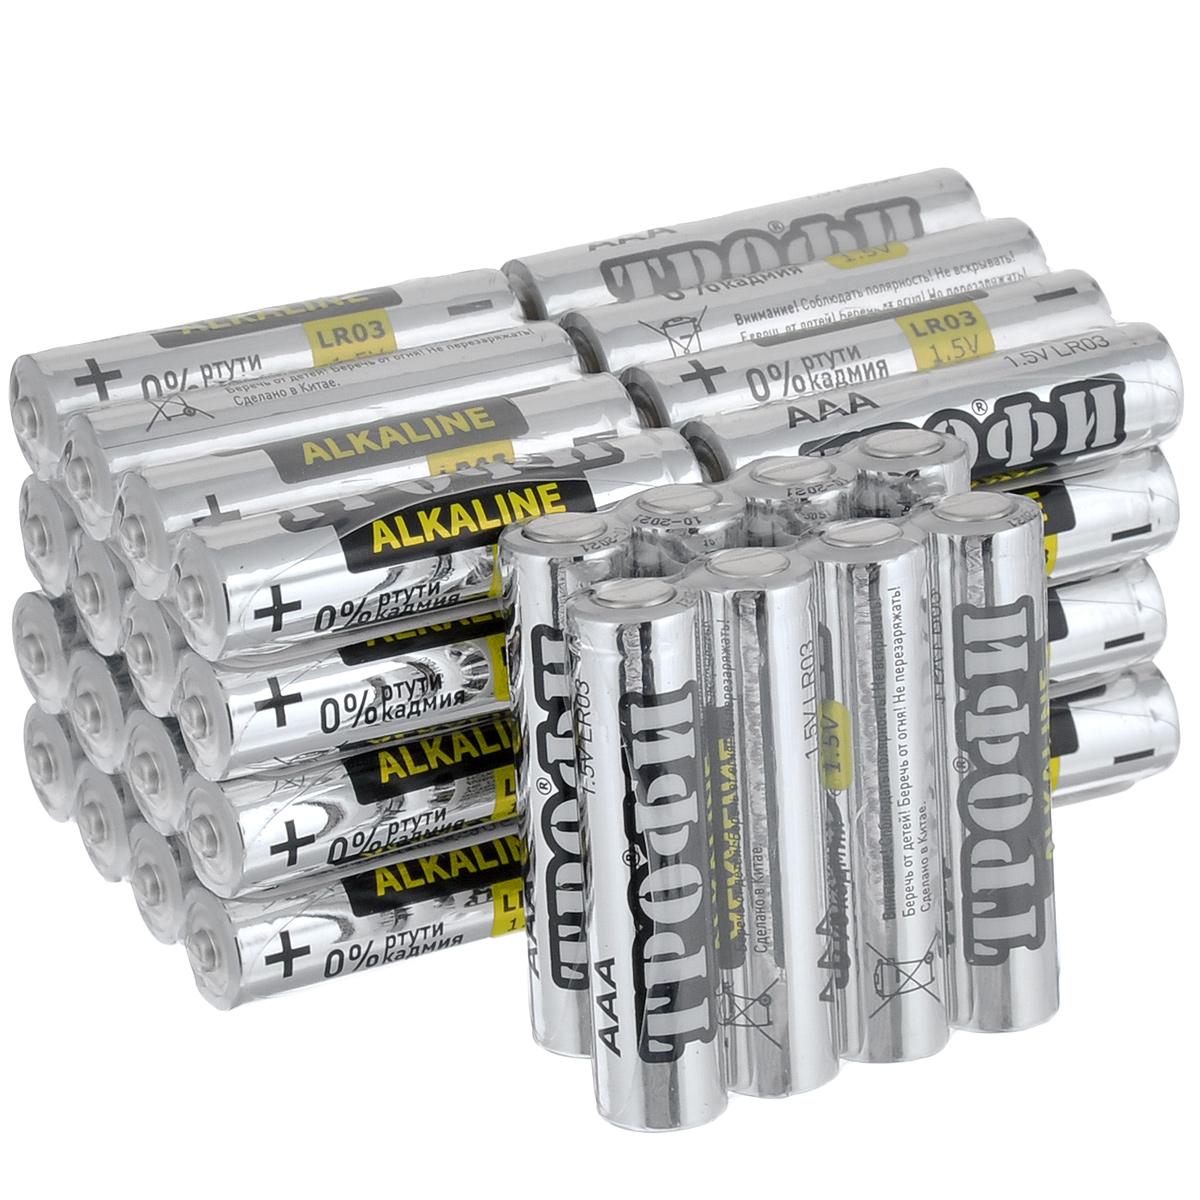 Батарейка алкалиновая Трофи, тип AAA (LR03), 1,5V, 40 шт639317/623055Щелочные (алкалиновые) батарейки Трофи оптимально подходят для повседневного питания множества современных бытовых приборов: электронных игрушек, фонарей, беспроводной компьютерной периферии и многого другого. Не содержат кадмия и ртути. Батарейки созданы для устройств со средним и высоким потреблением энергии. Работают в 10 раз дольше, чем обычные солевые элементы питания.